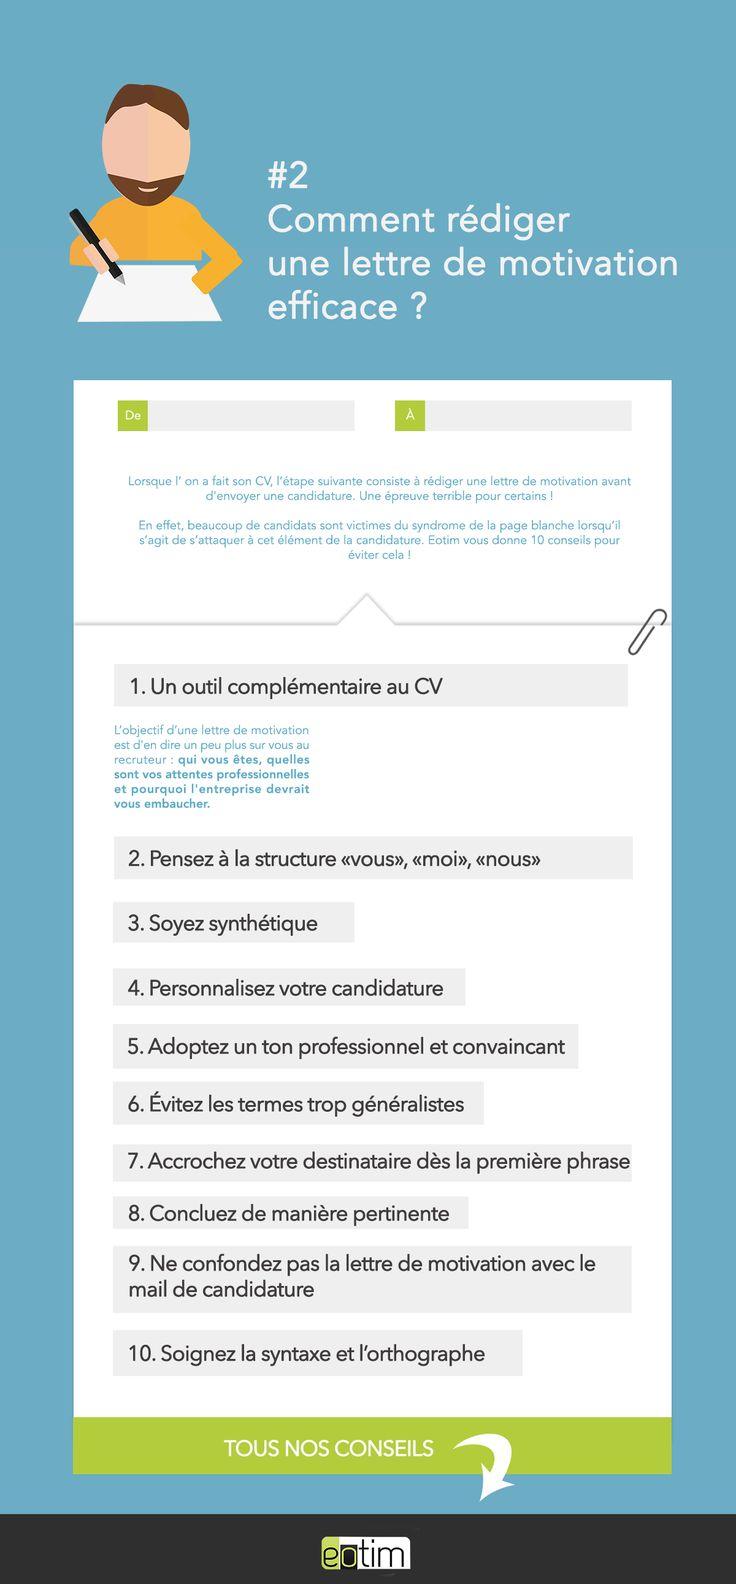 Comment rédiger une lettre de motivation efficace ? | #cv #job #emploi #tips #astuce #help #recrutement #infographie